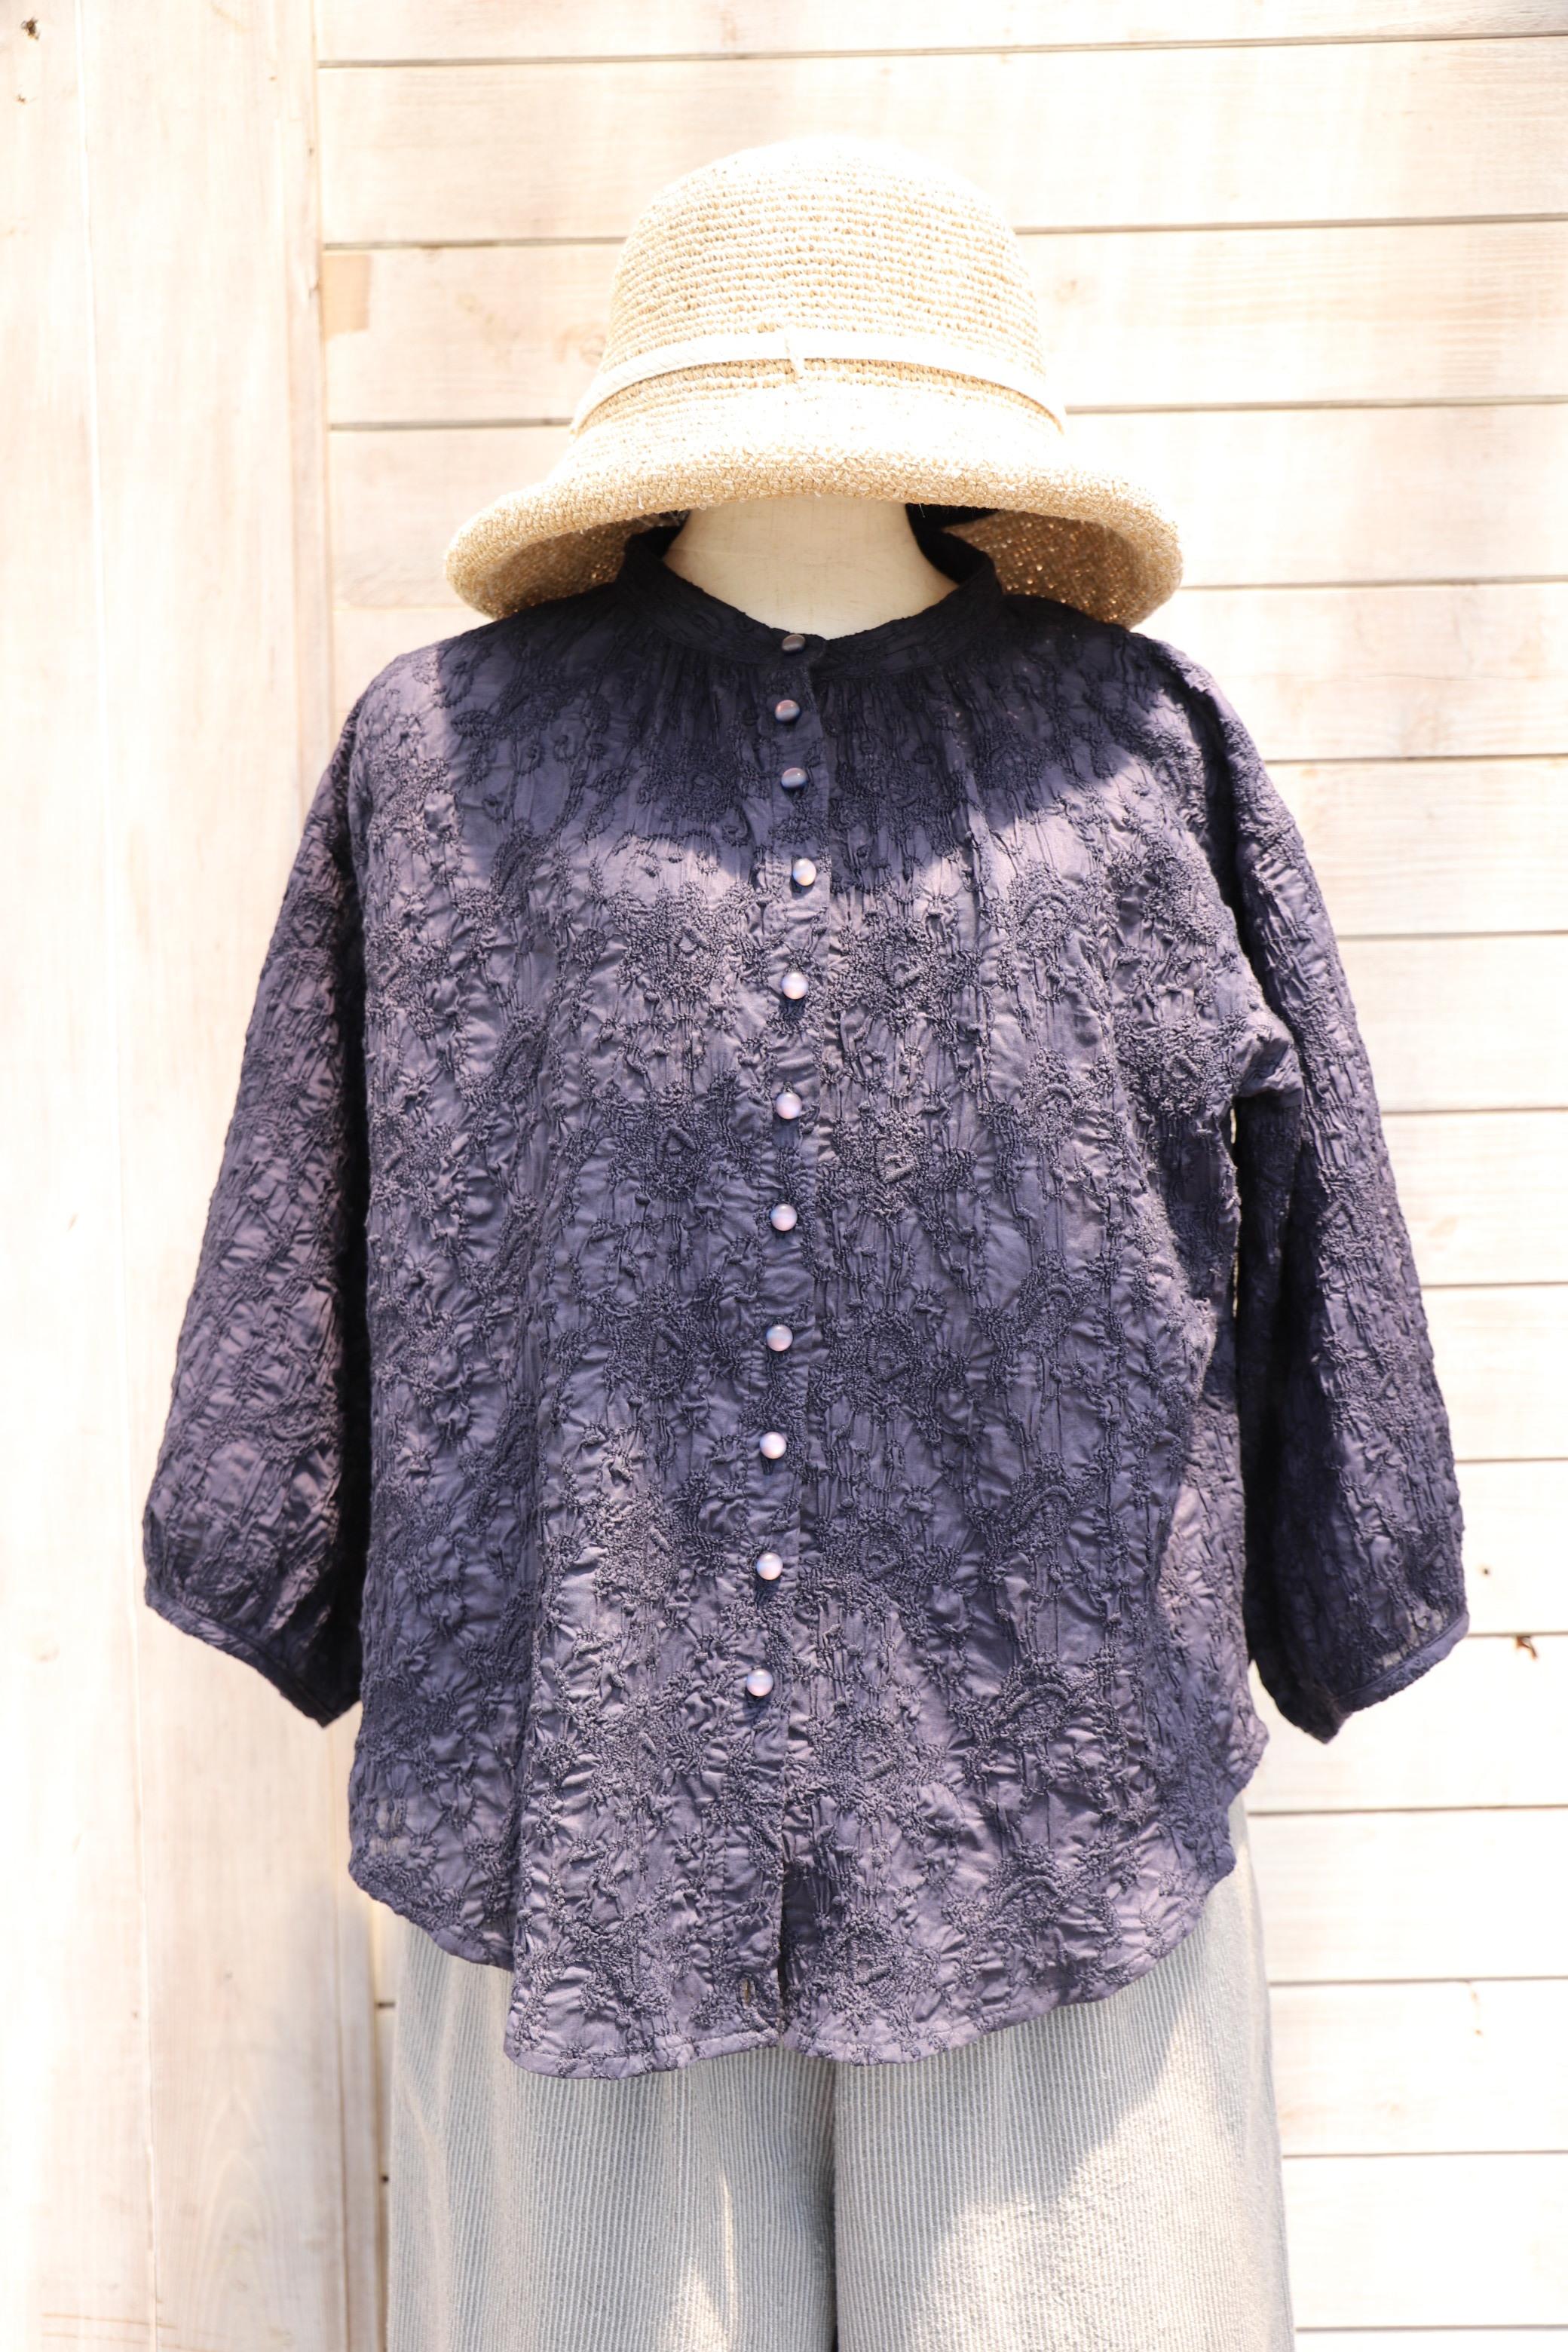 ふんわり袖ブラウス BLK14 濃紺刺繍